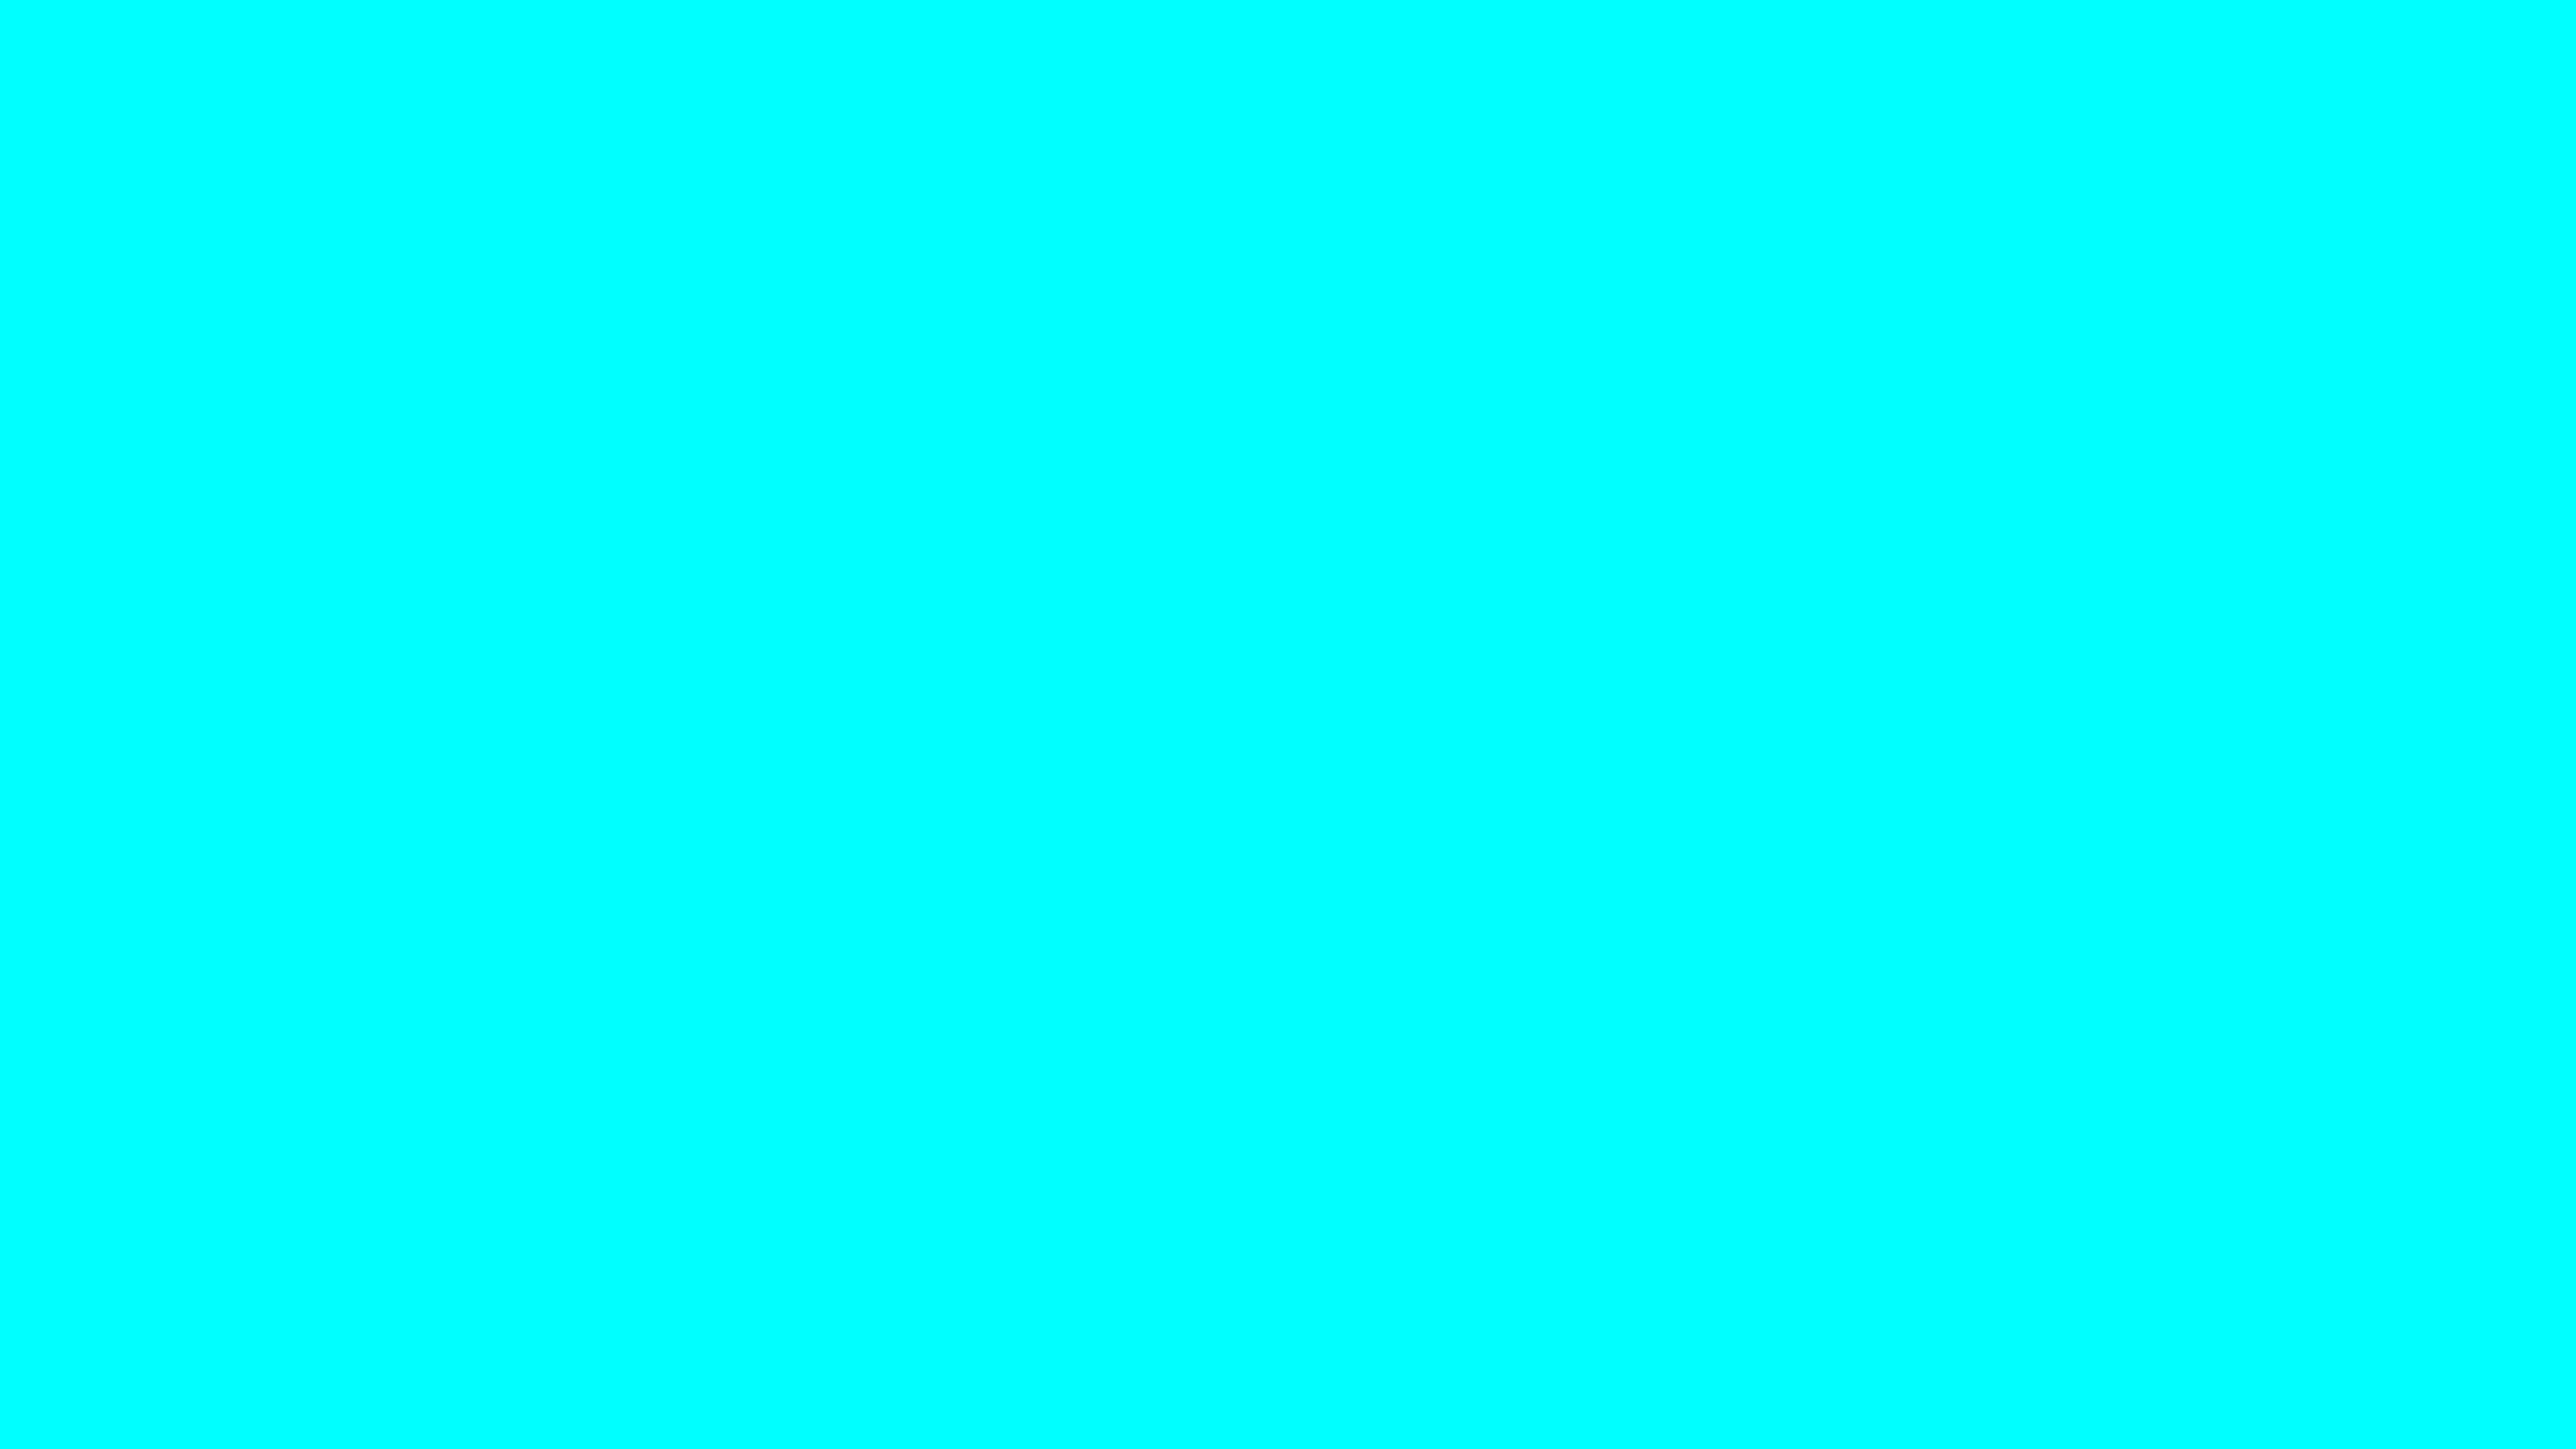 4096x2304 Aqua Solid Color Background